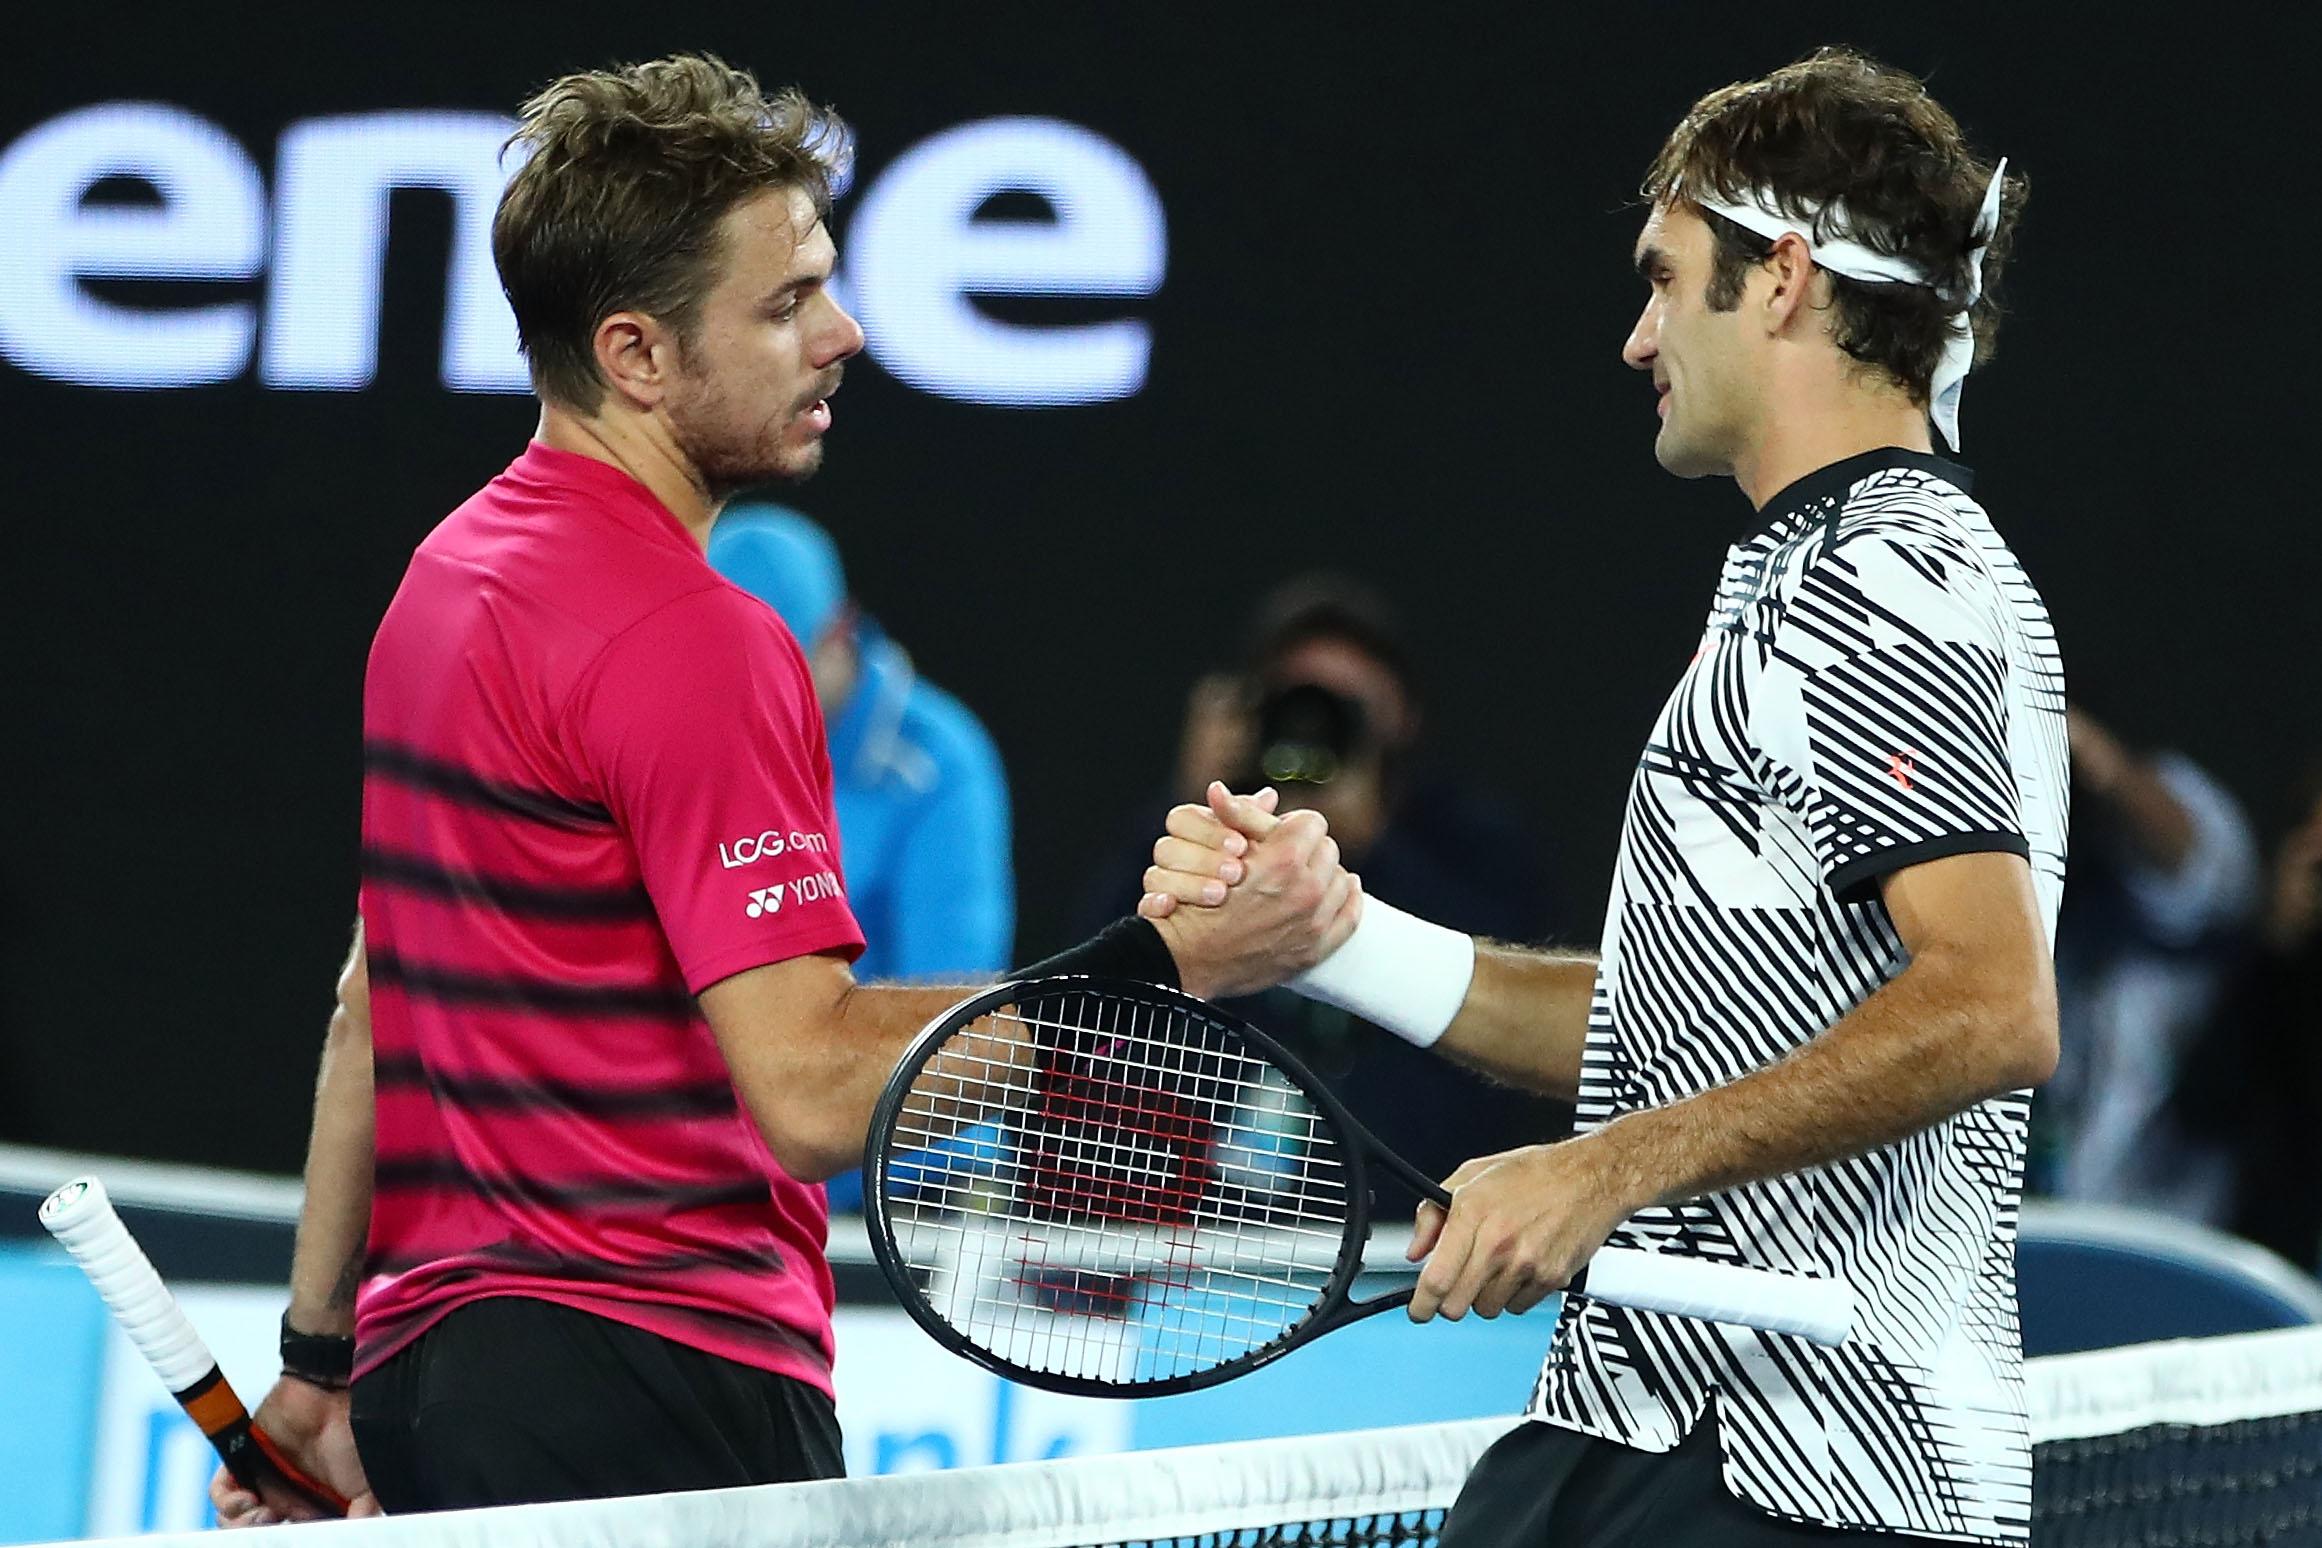 Melbourne: Federer schlägt Wawrinka und steht im Finale